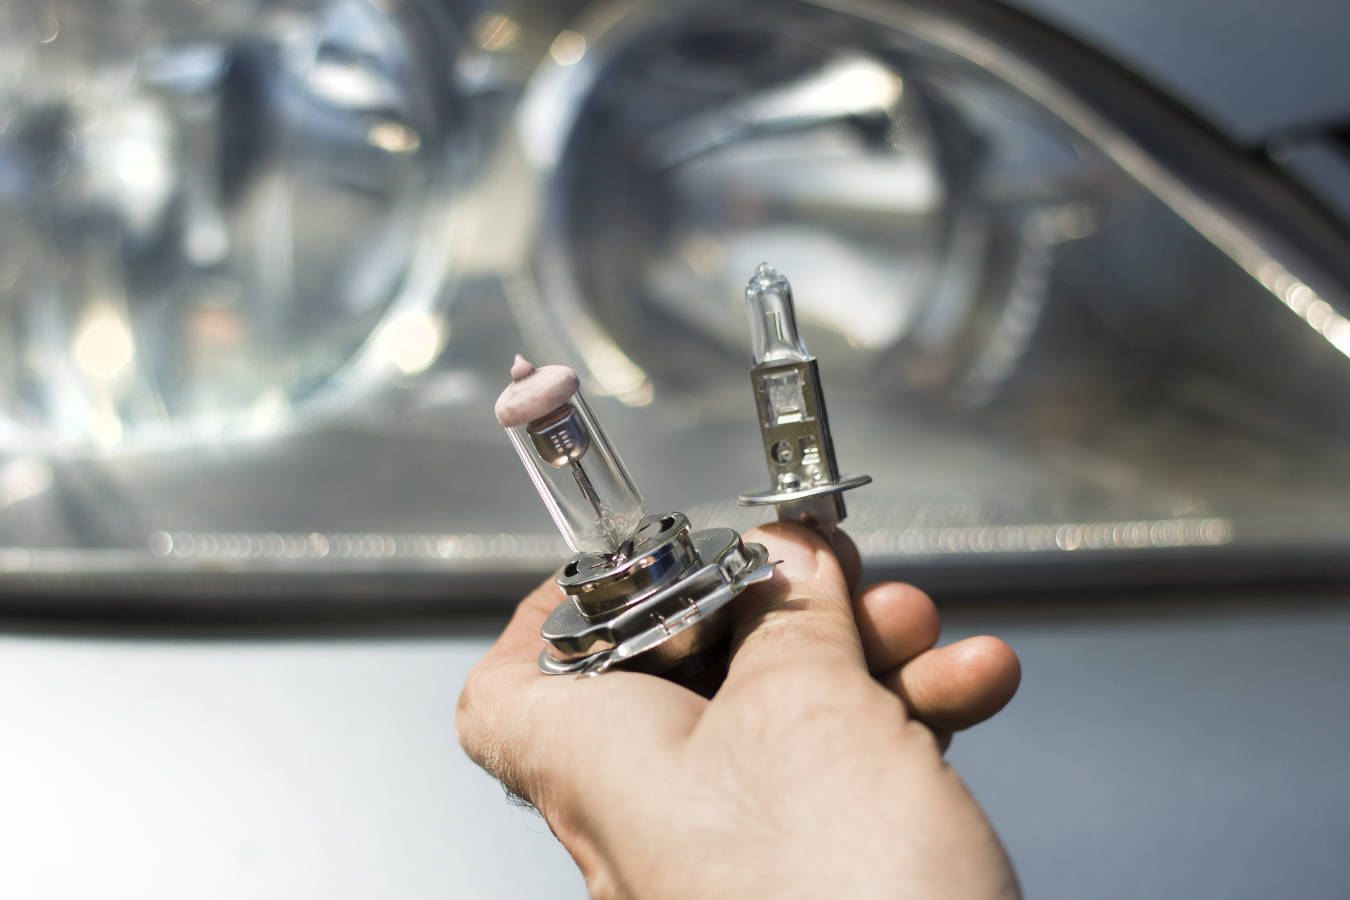 Wymiana żarówki w aucie – jak to zrobić samemu? Co trzeba wiedzieć o wymianie żarówki w samochodzie?